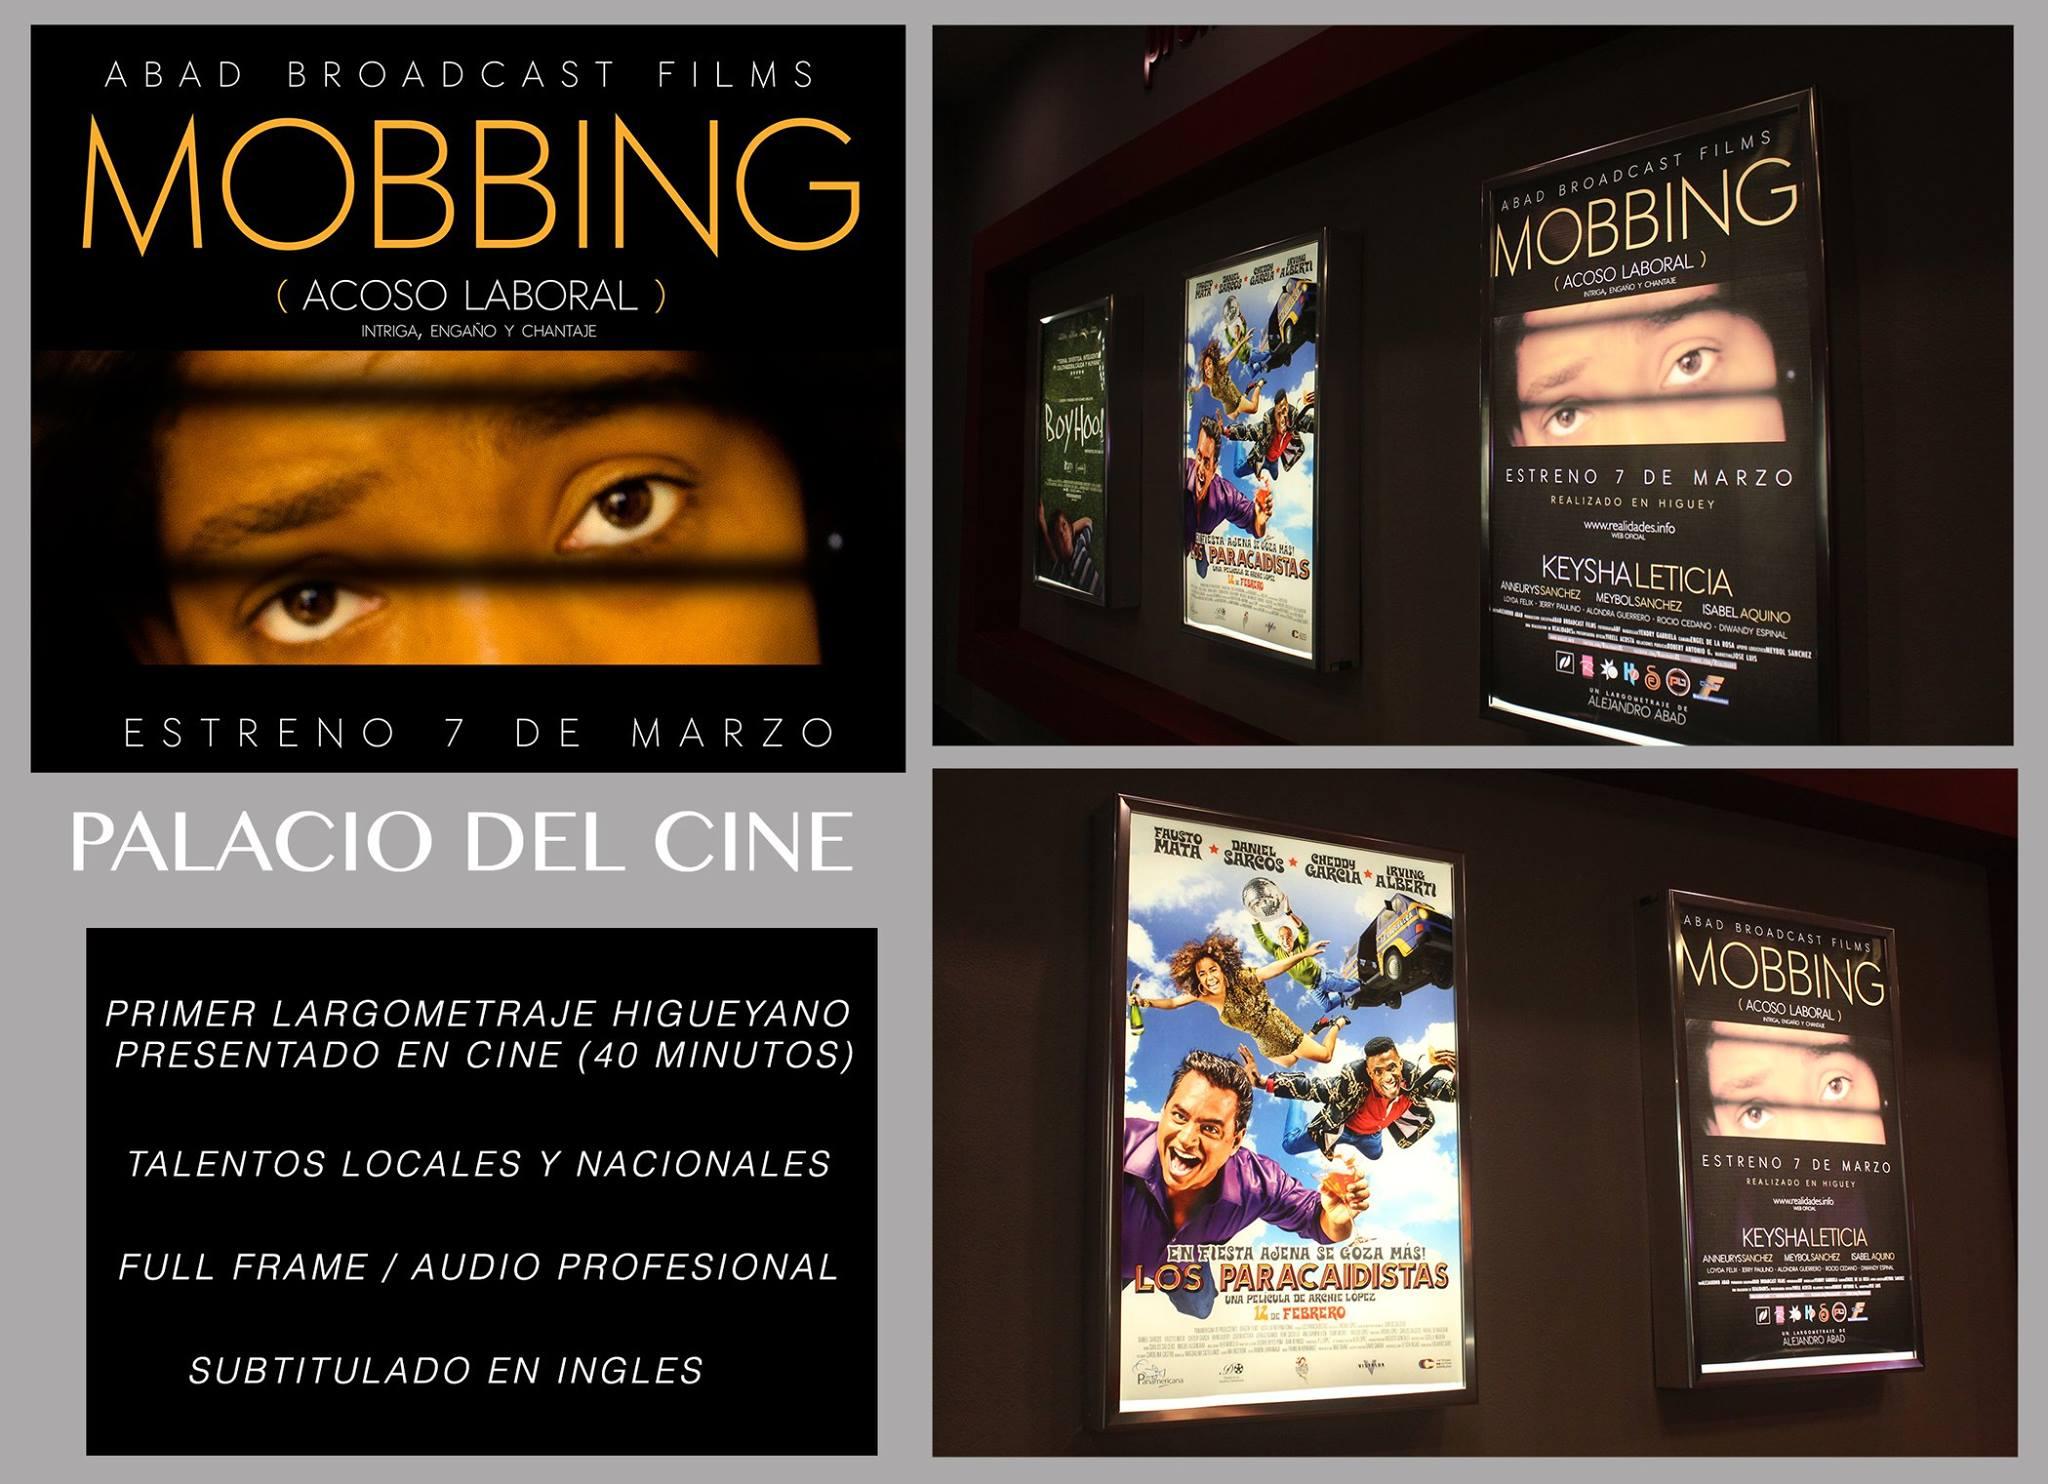 Trailer Oficial - MOBBING (Acoso Laboral) Primer largometraje higüeyano.